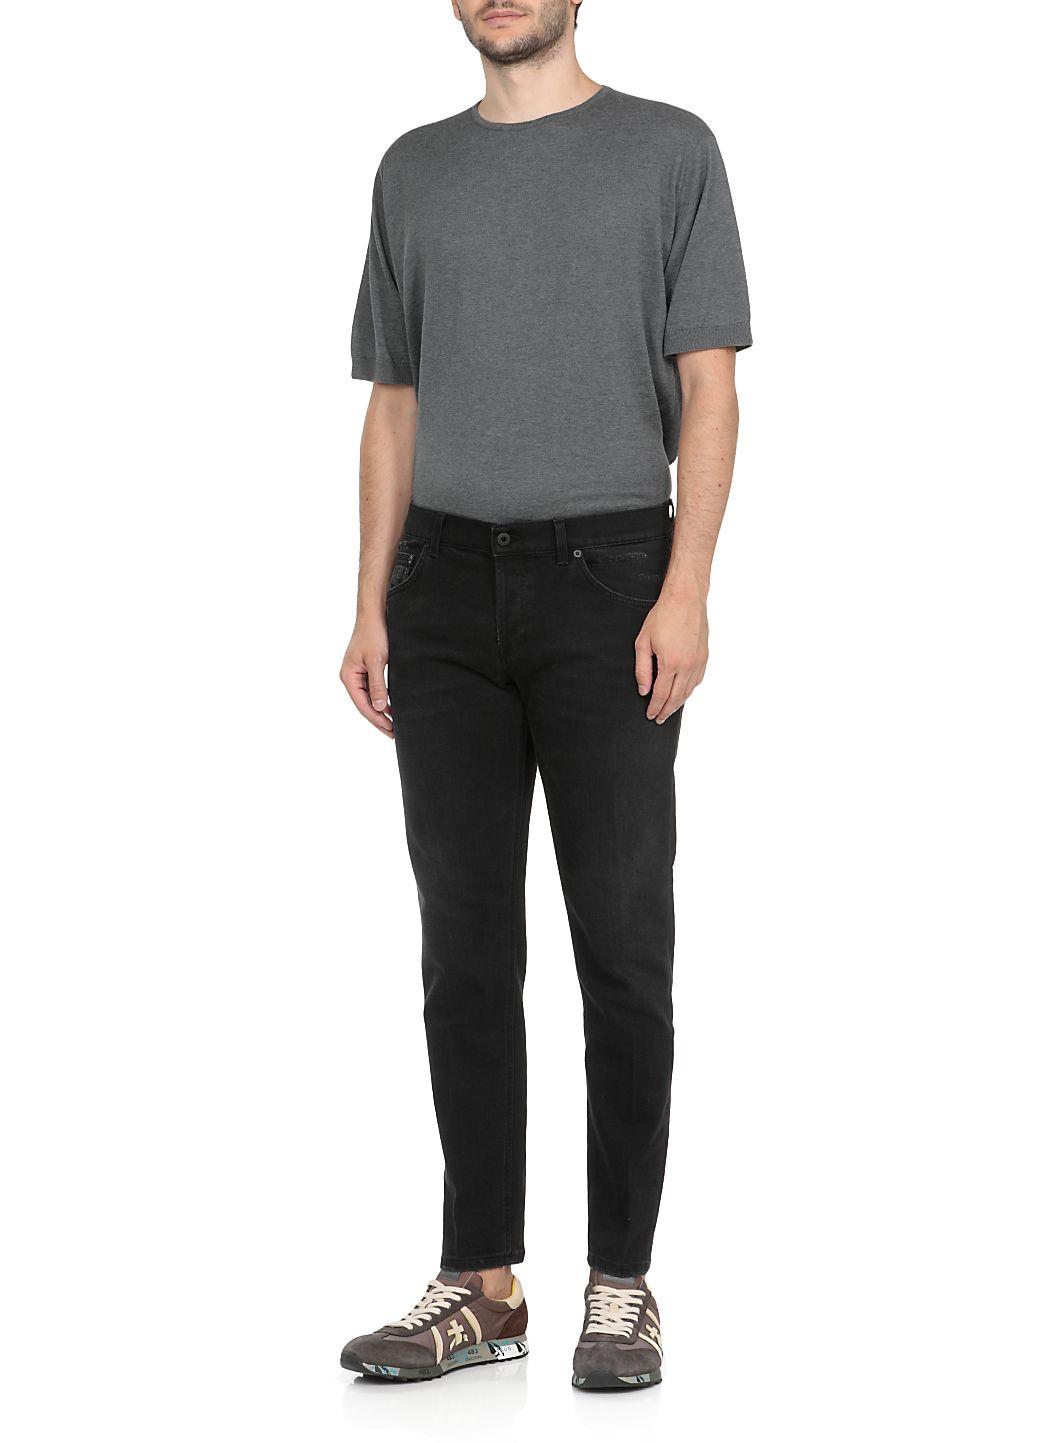 Mius Jeans